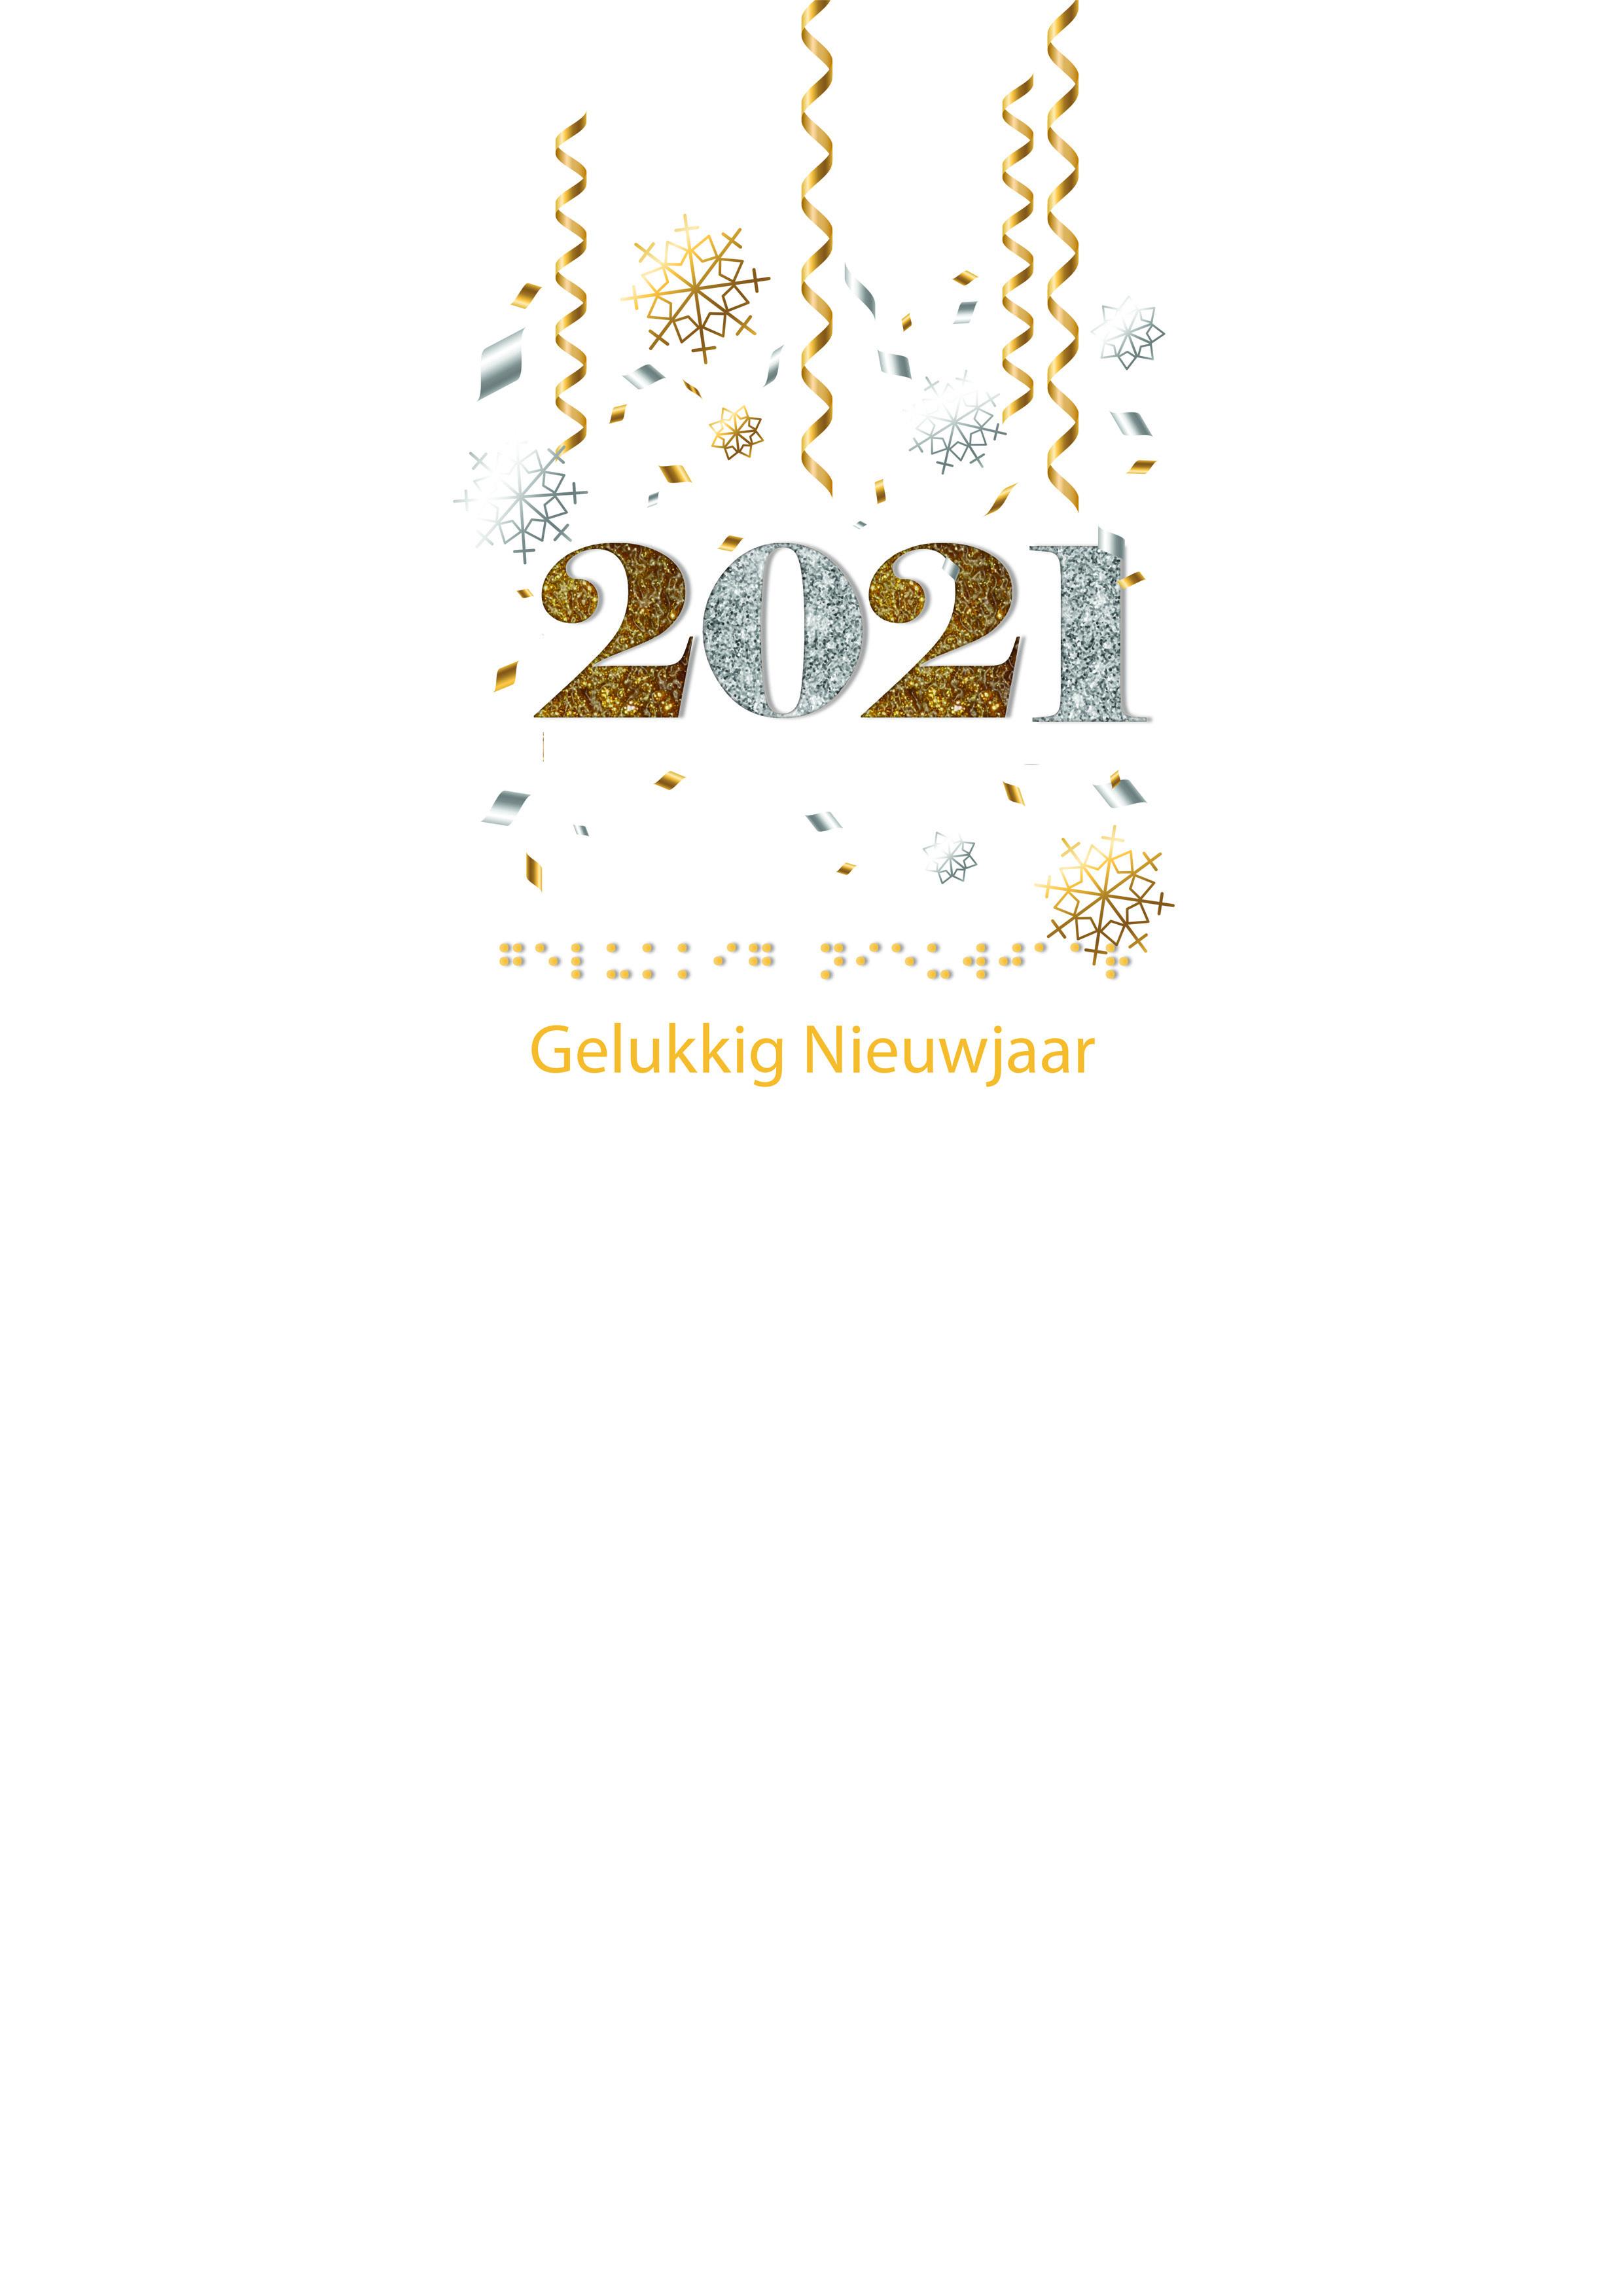 Voelbare kerstkaart met braille en de cijfers 2021 in reliëf tegen een witte achtergrond.